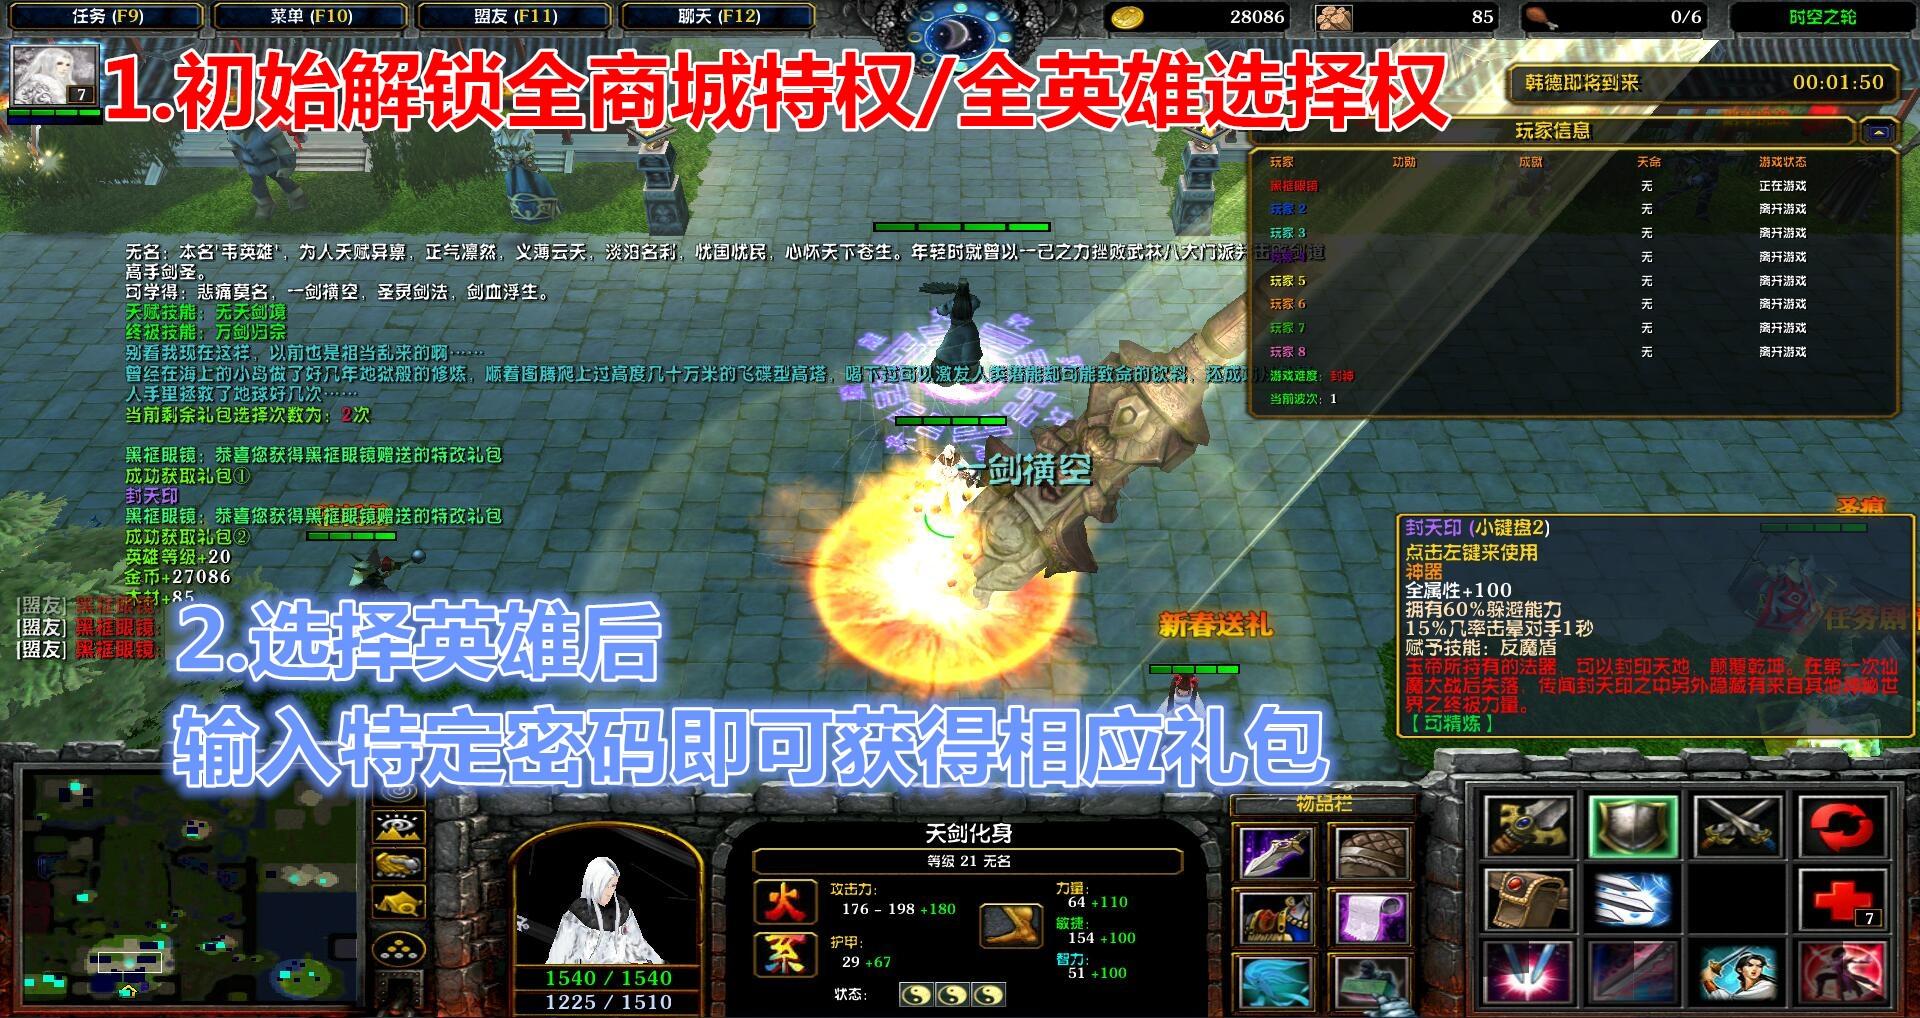 守卫剑阁-时空之轮2.05黑式破解